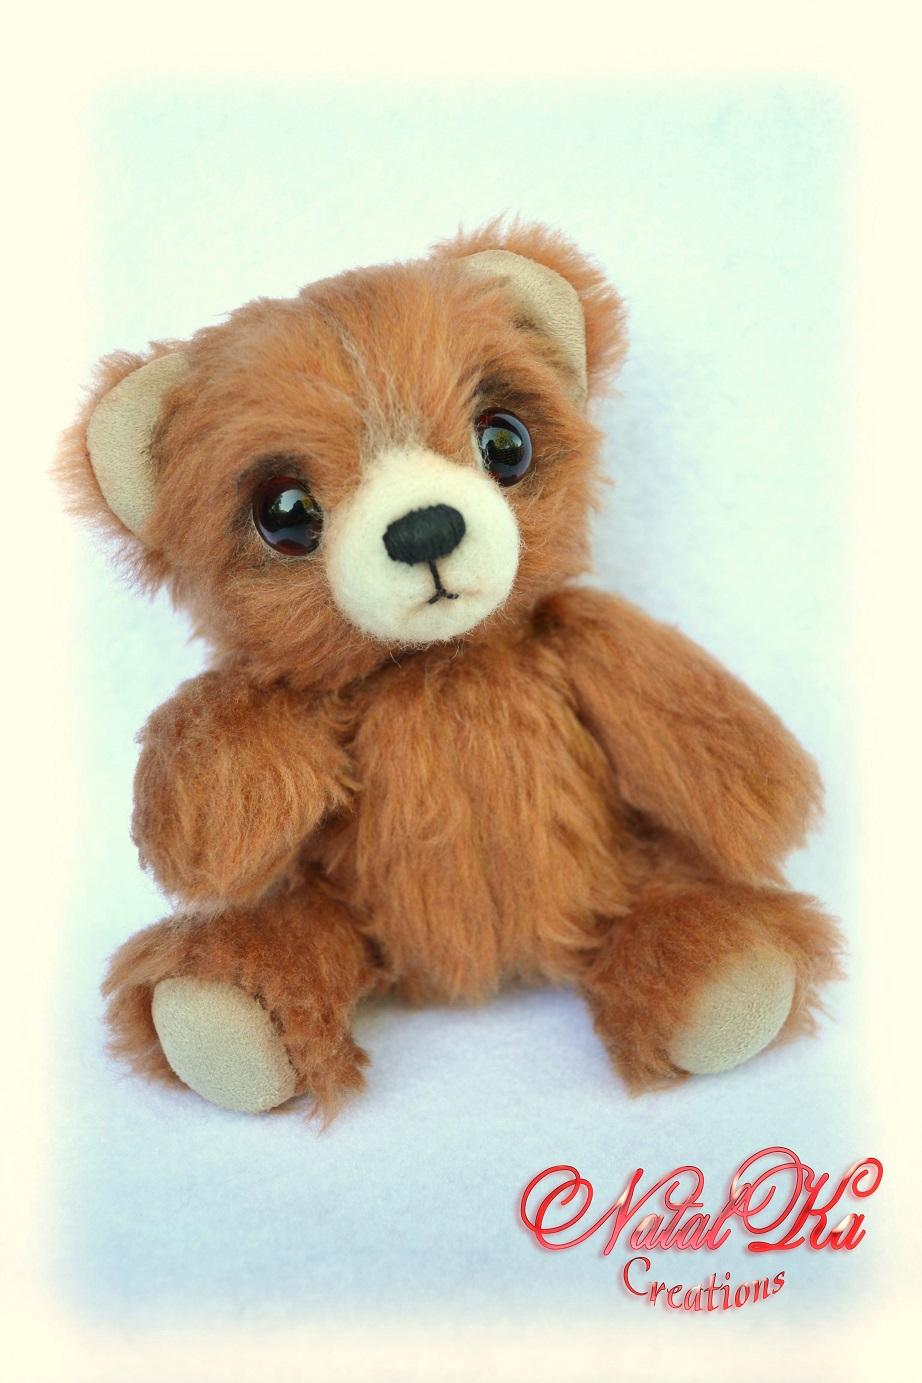 Künstler Teddy Bär von NatalKa Creations. Artist teddy bear handmade by NatalKa Creations